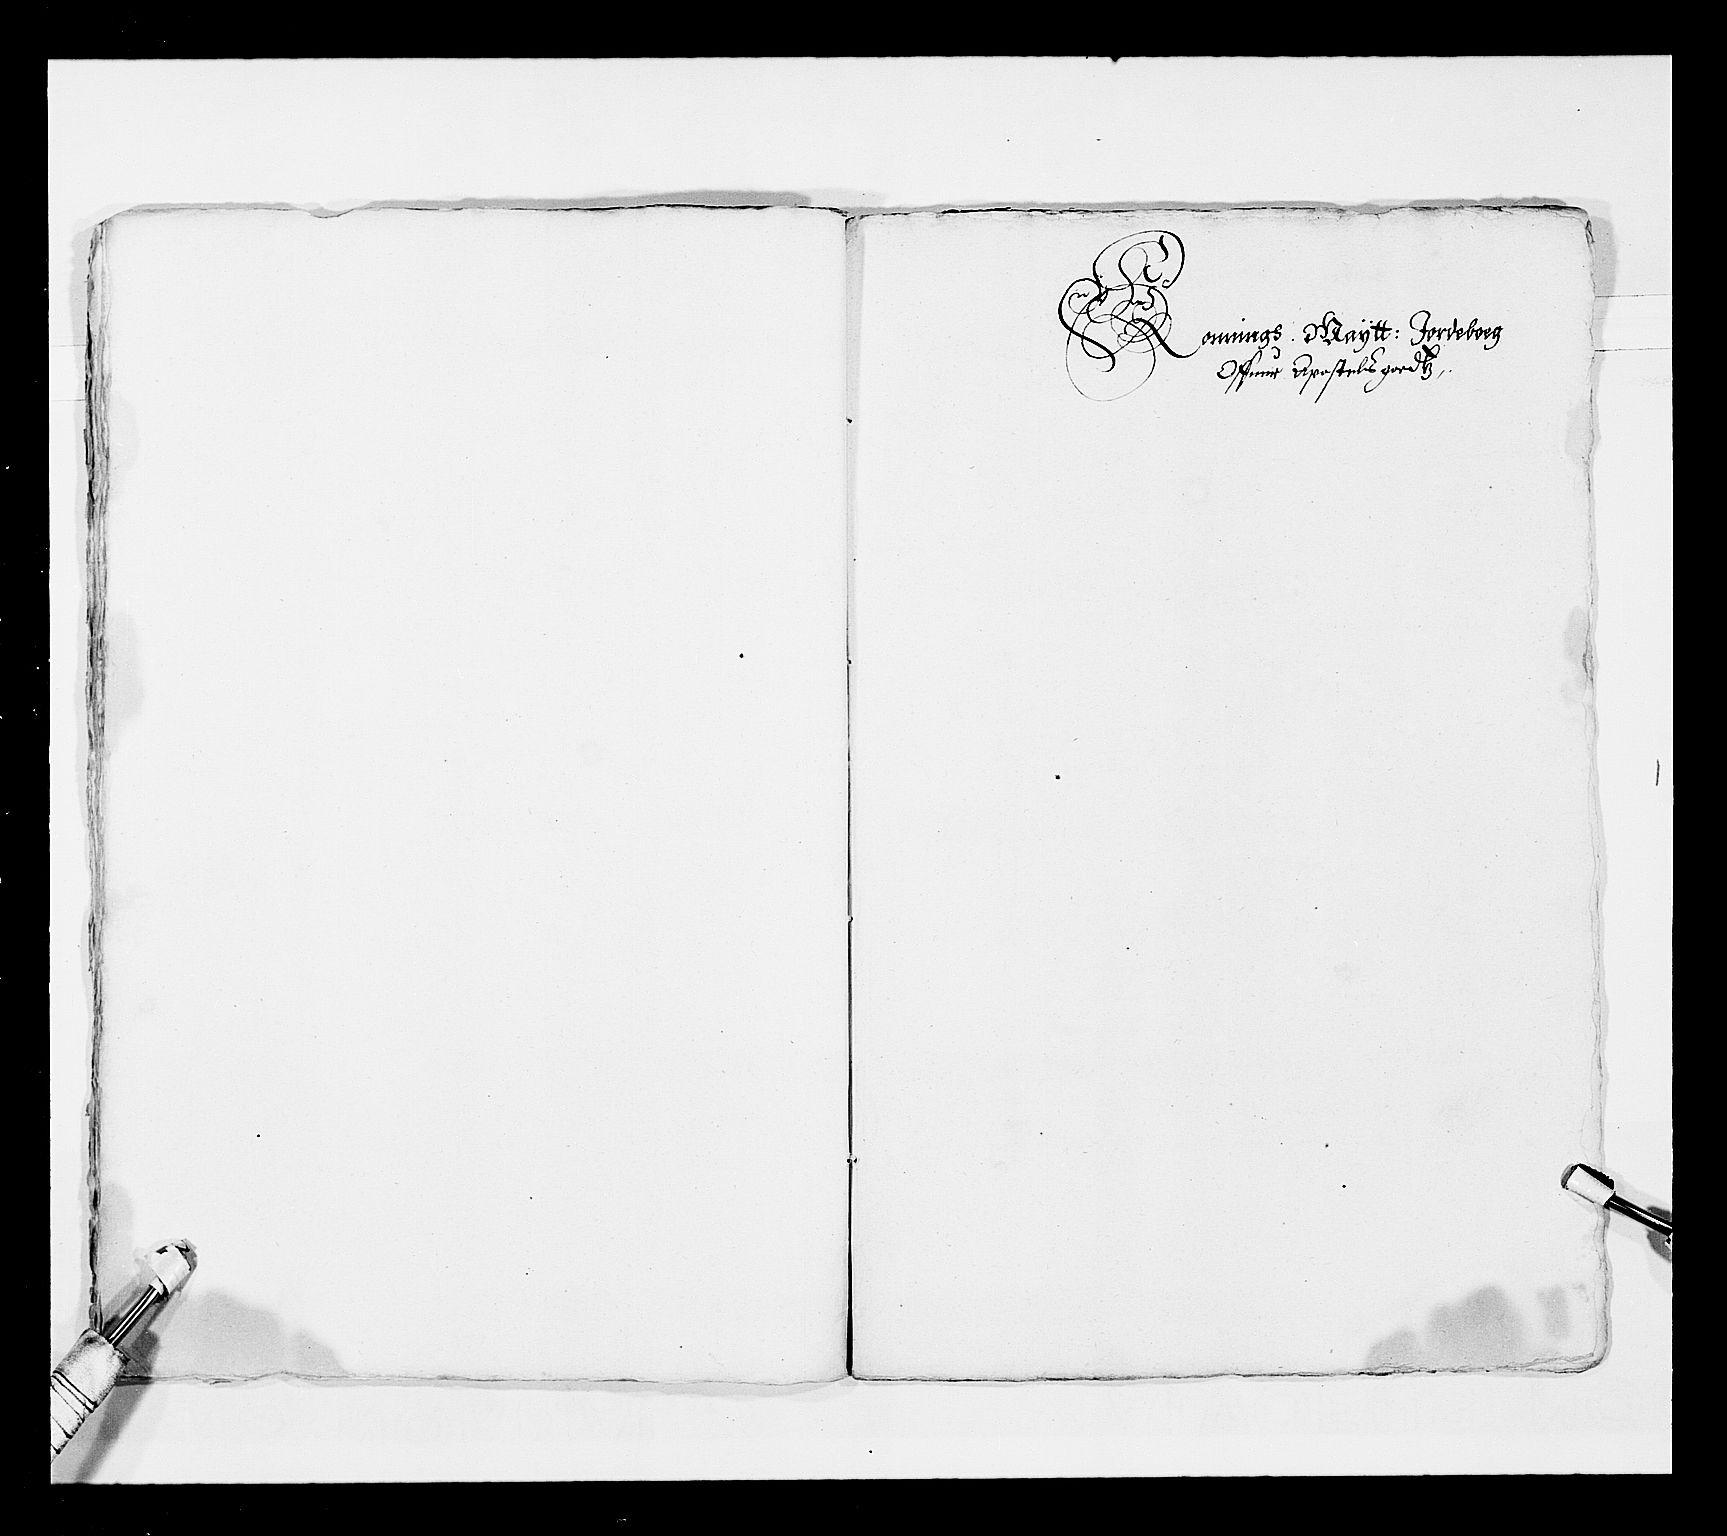 RA, Stattholderembetet 1572-1771, Ek/L0025: Jordebøker 1633-1658:, 1645-1646, s. 62